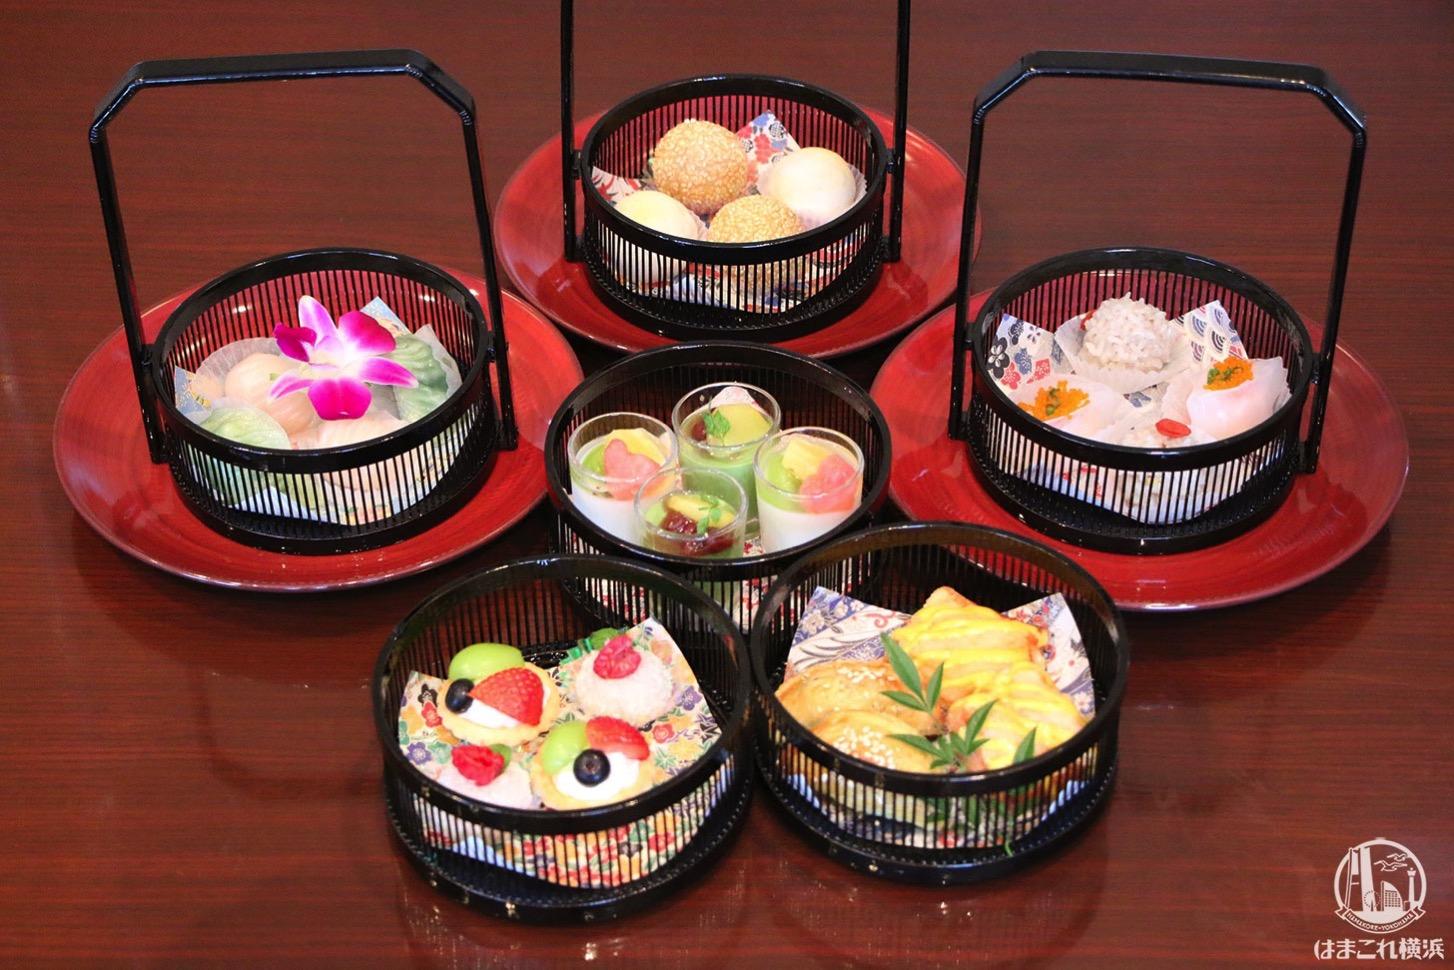 横浜「カリュウ」の飲茶アフタヌーンティーが美味しすぎ!本格料理に大満足